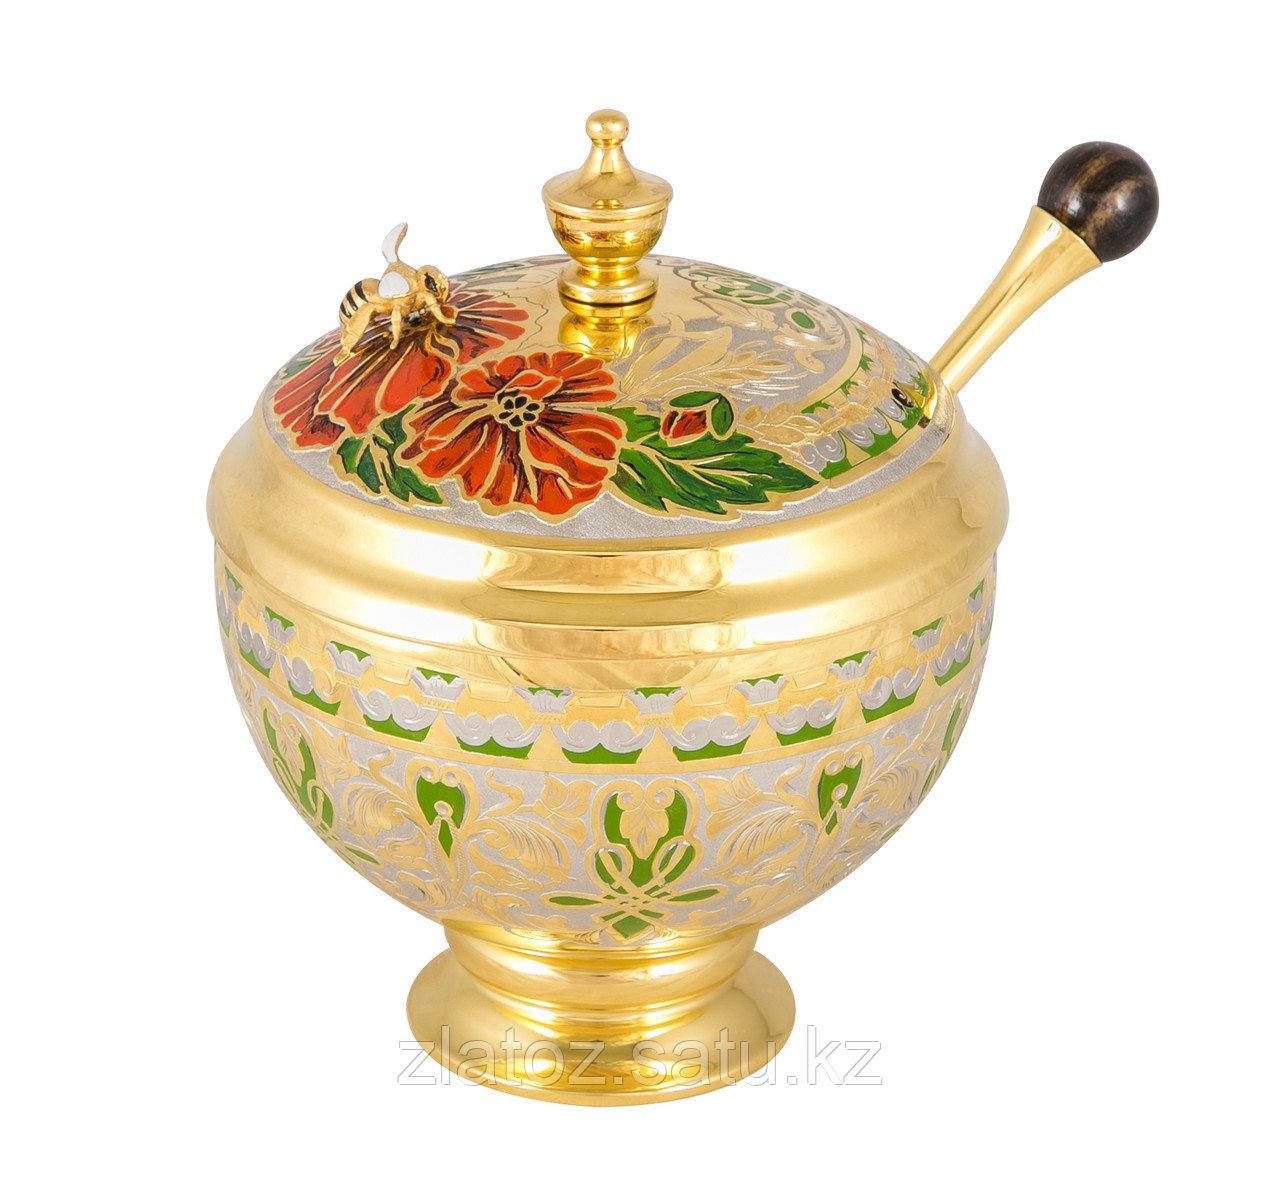 """Медовница """"Пчёлка"""" (эмаль) - Купить в Казахстане - фото 1"""